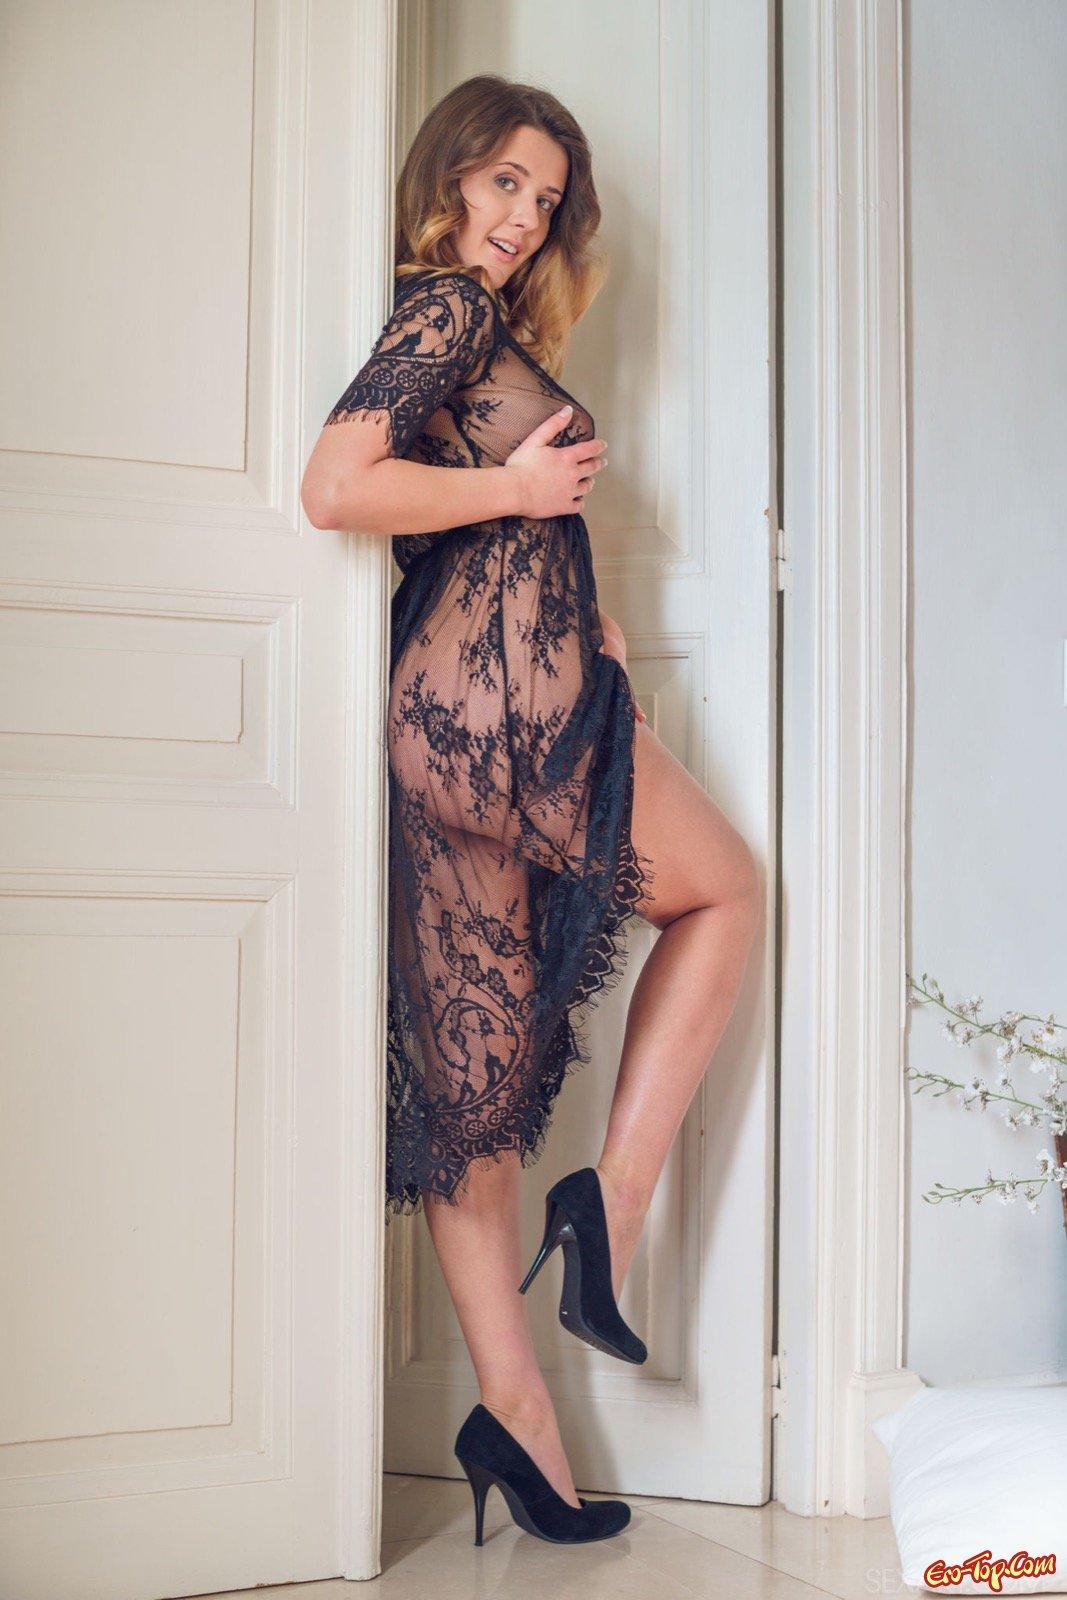 Девушка снимает платье оголяя сексуальное тело